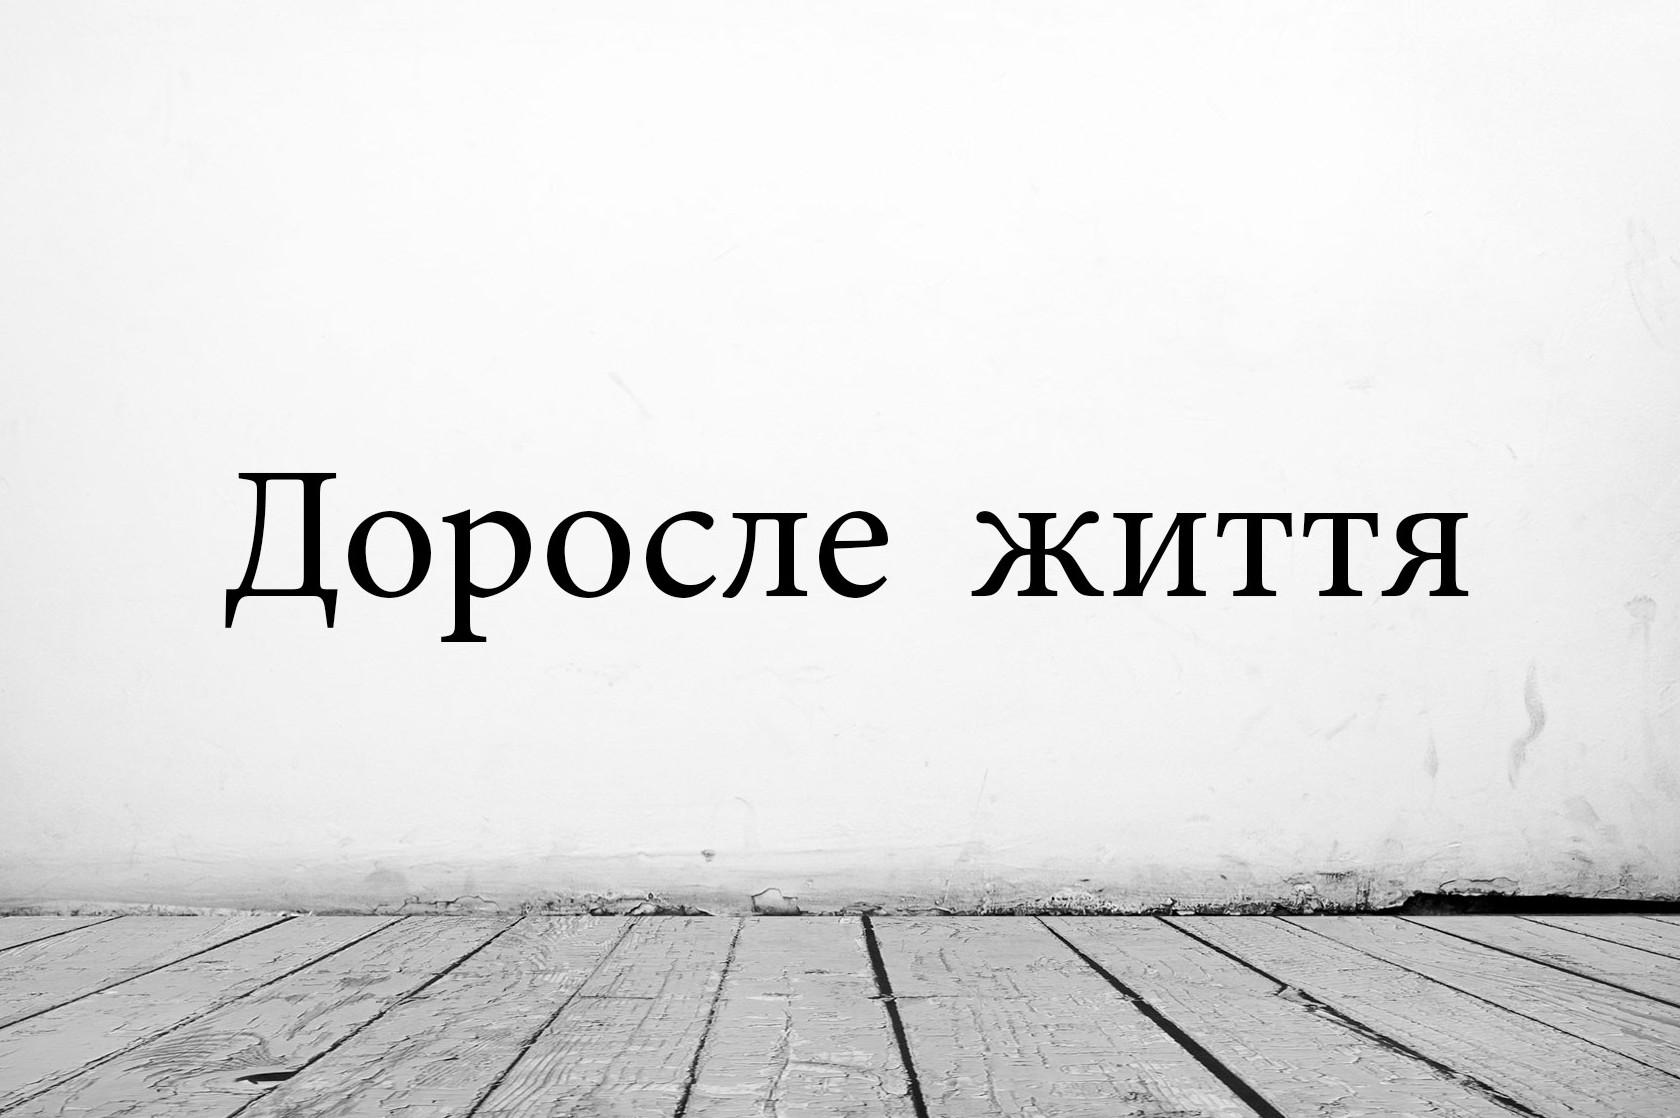 1_fBXVdVwjNIIL_IsHHHk0Bw